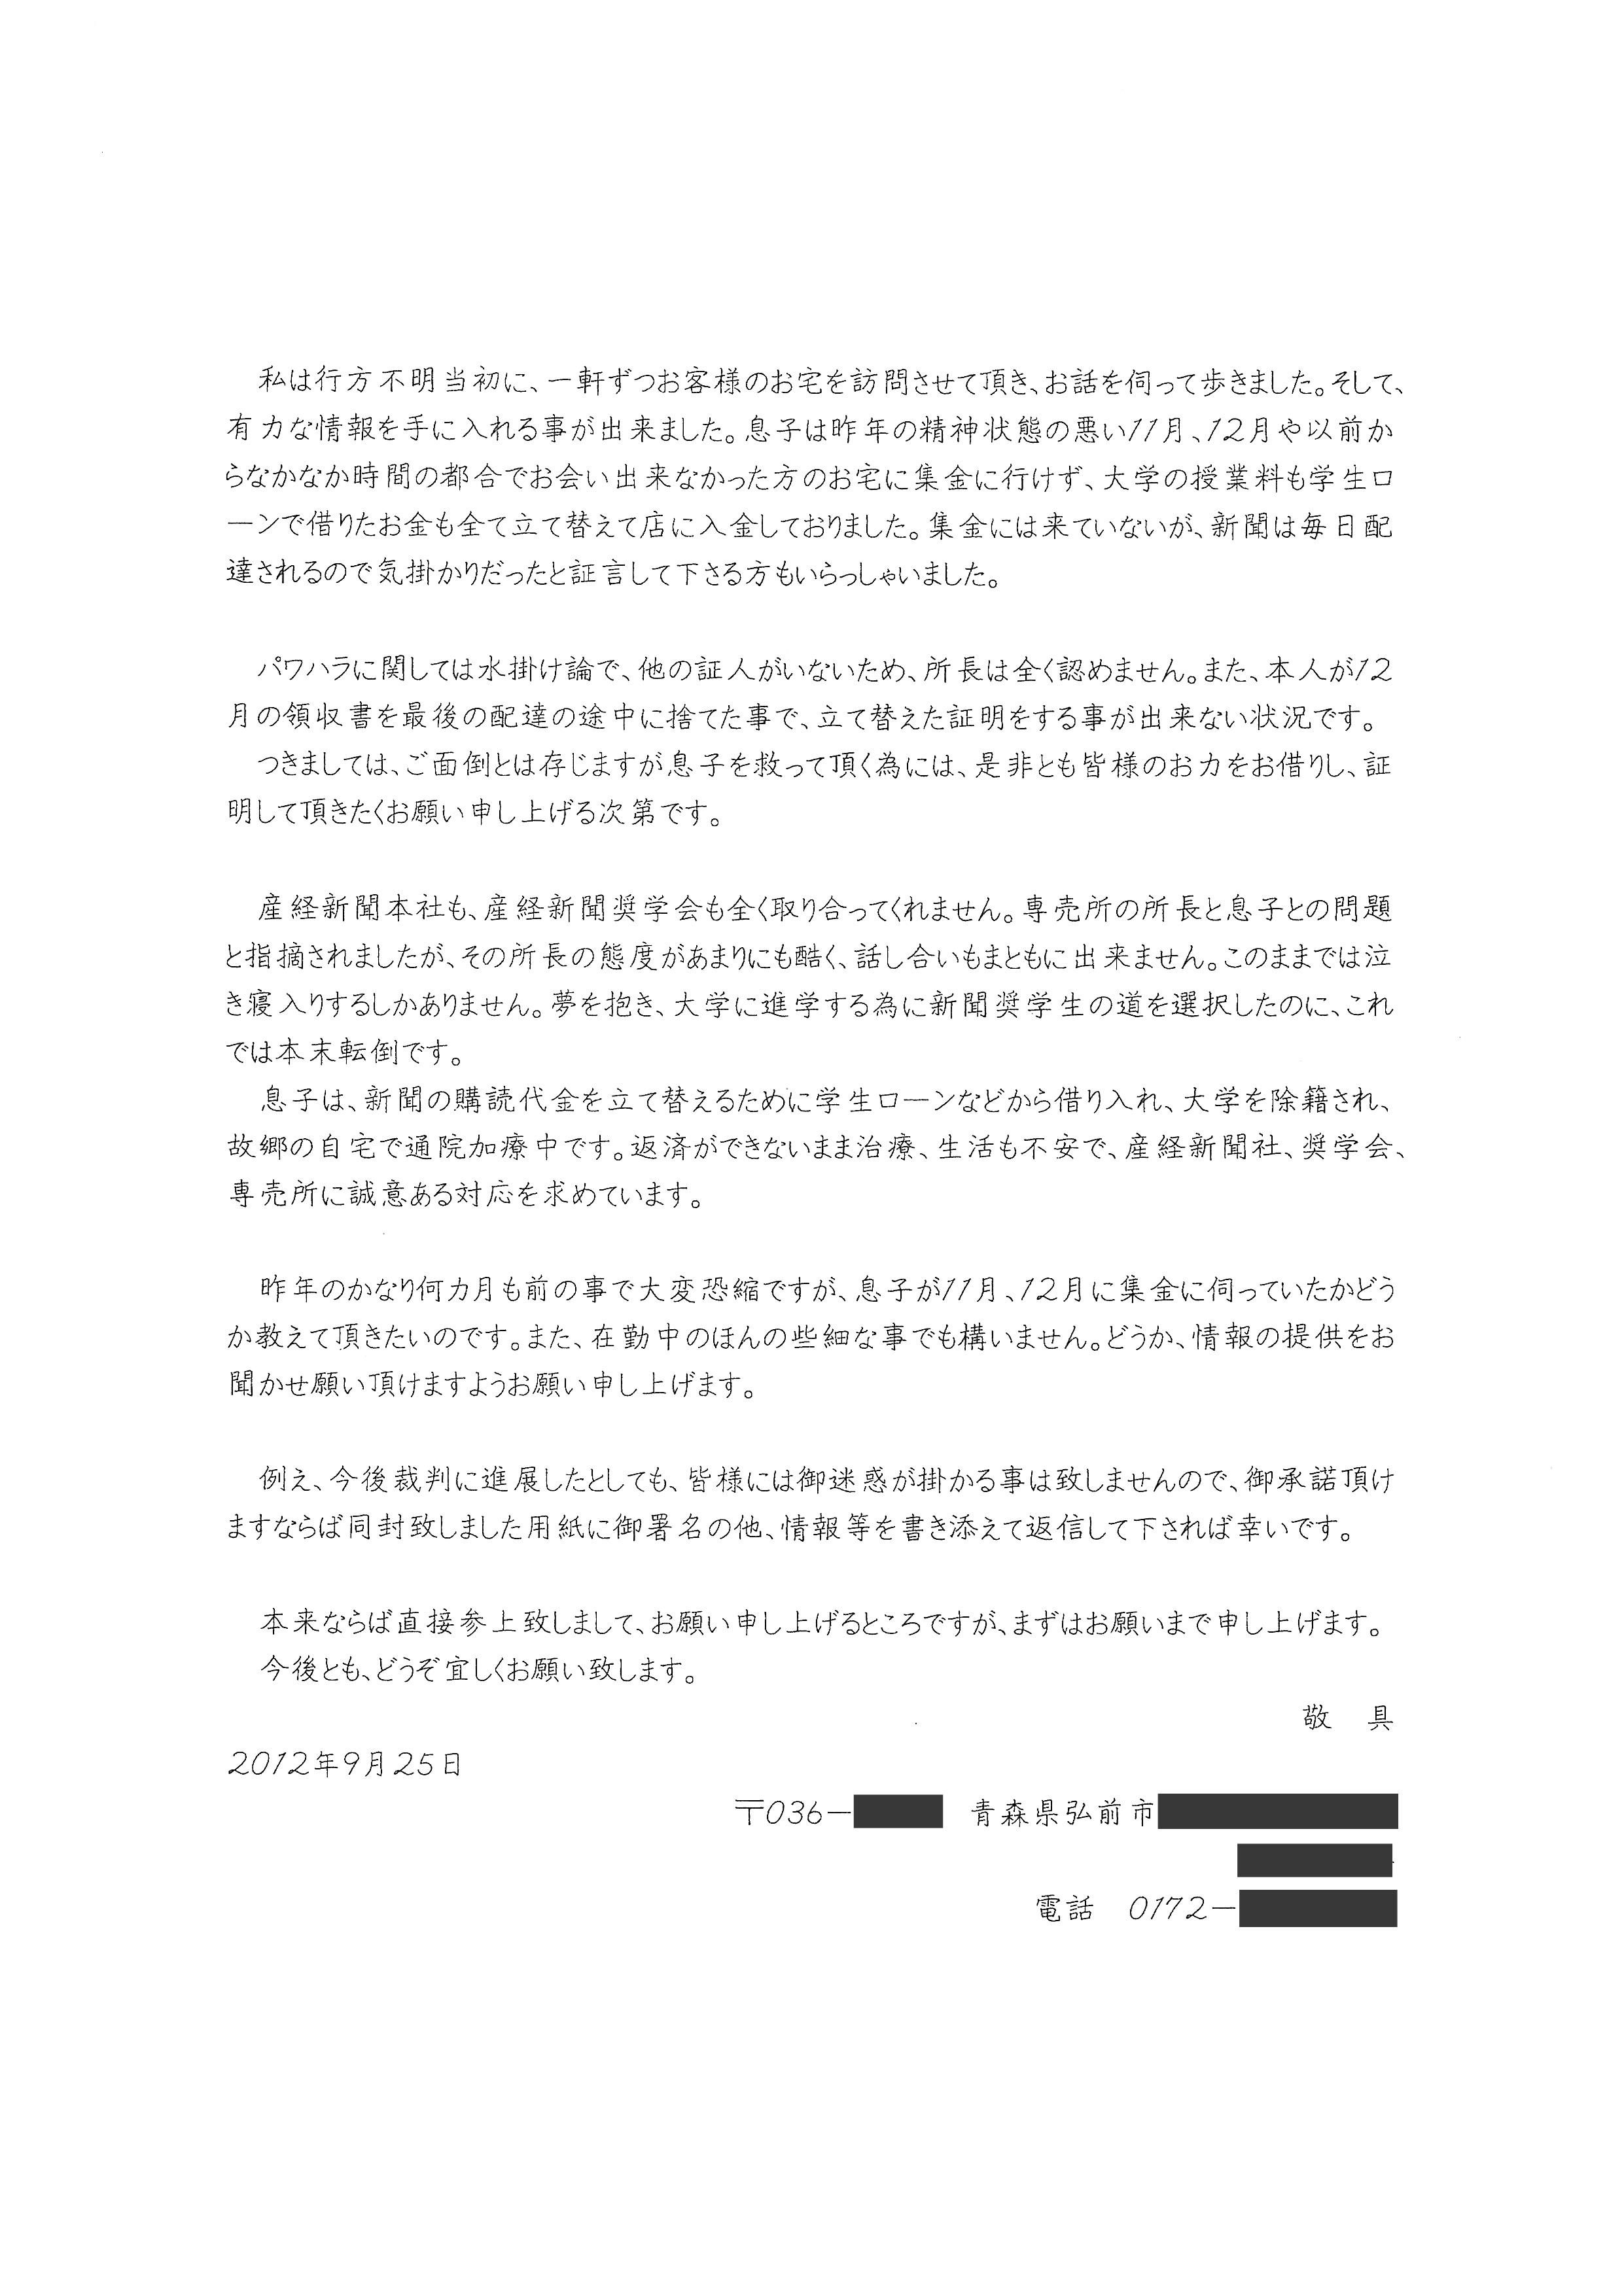 お手紙(2)